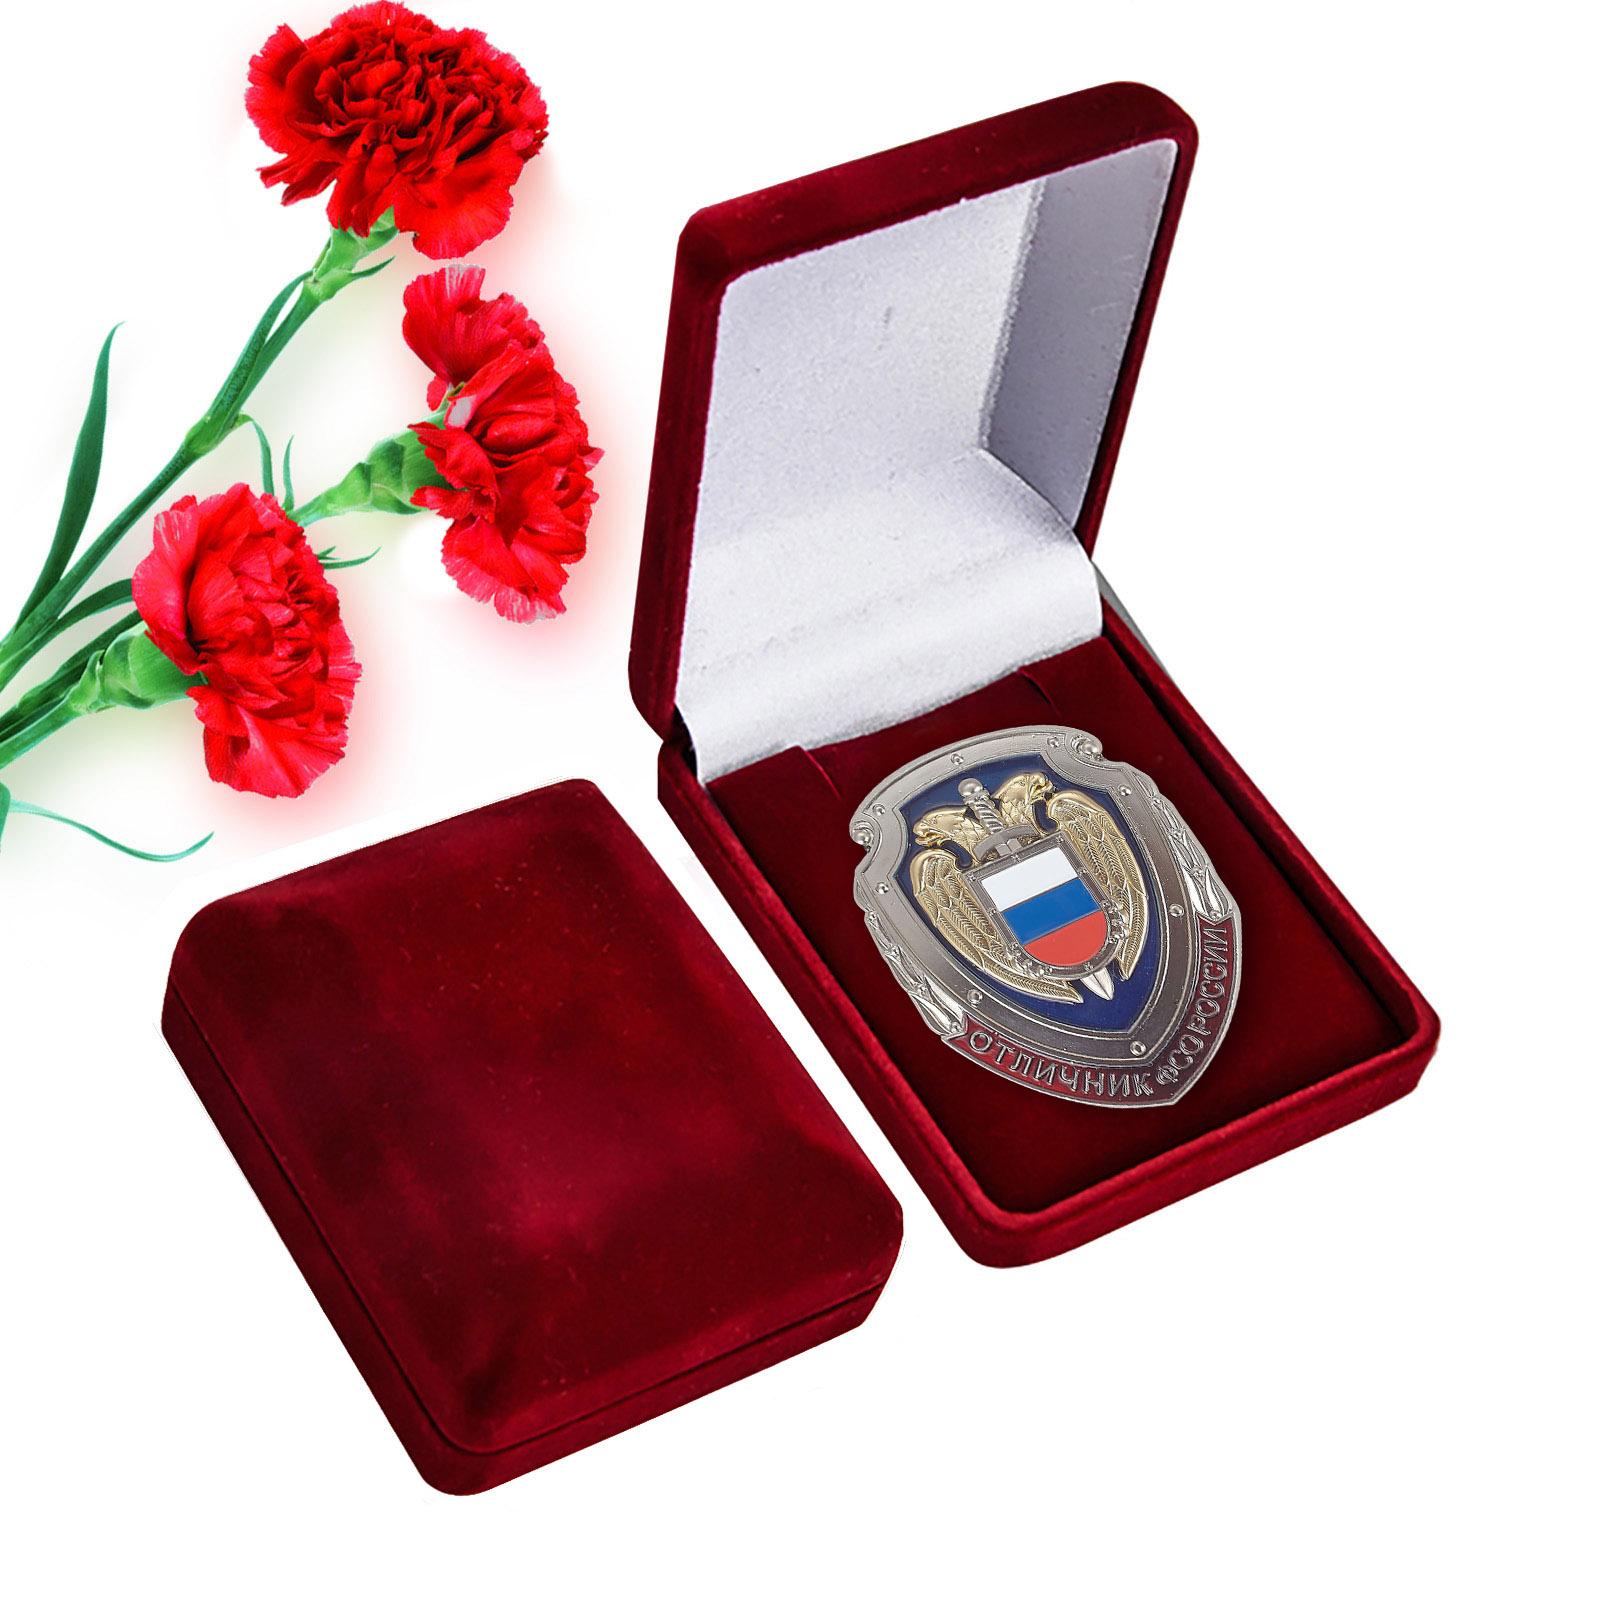 Знак Отличник ФСО России в бархатном футляре